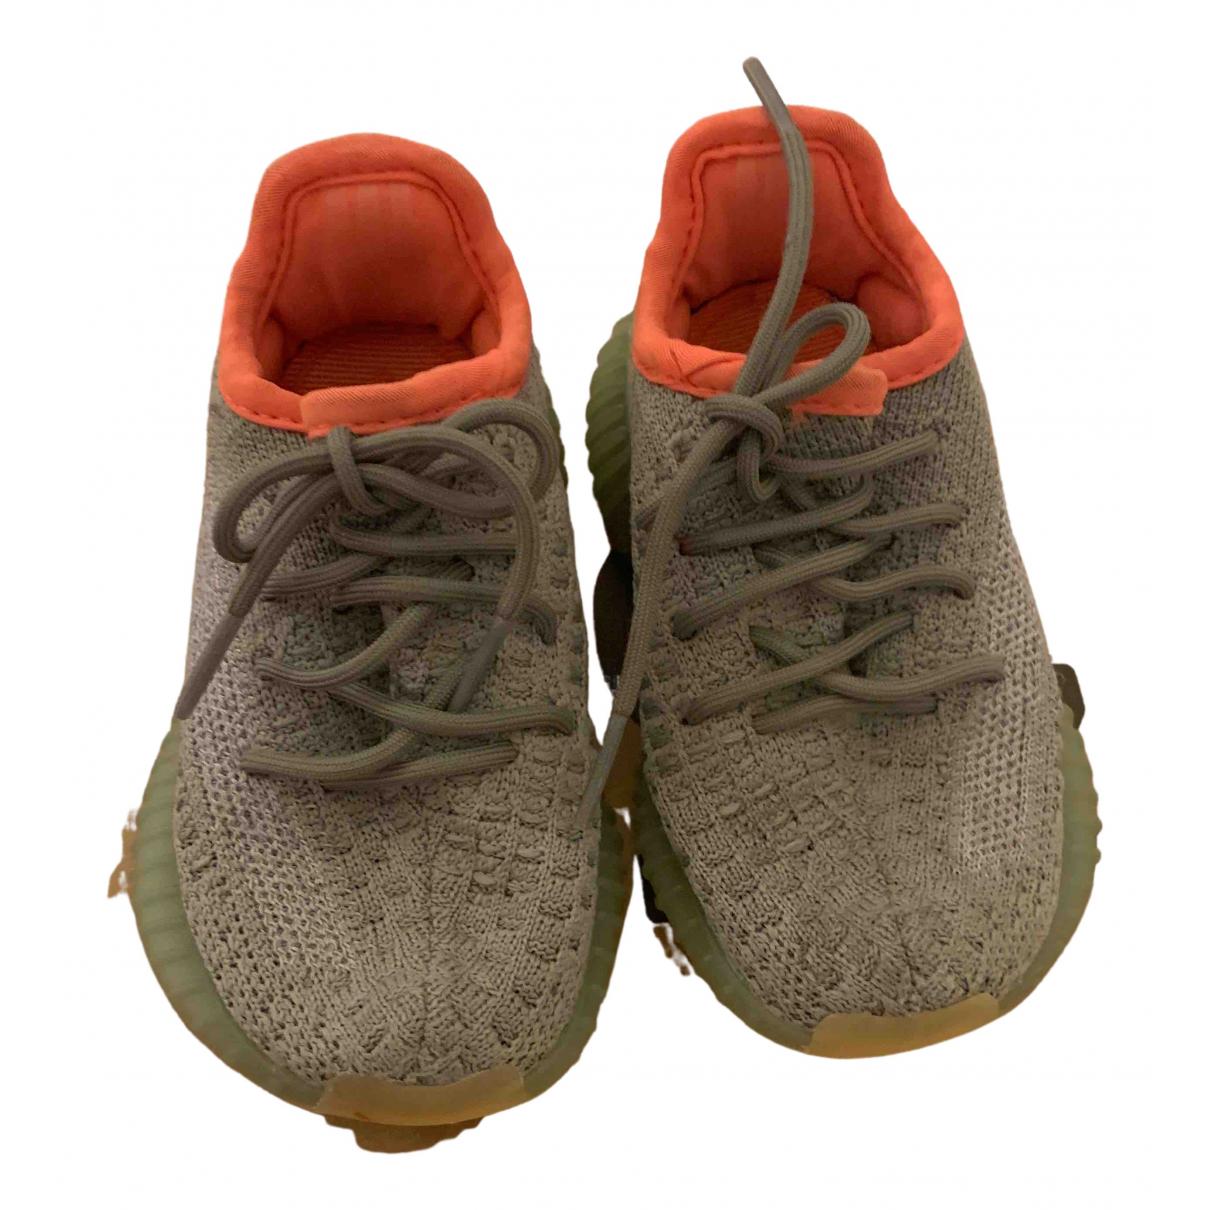 Yeezy X Adidas - Baskets Boost 350 V1 pour enfant - gris